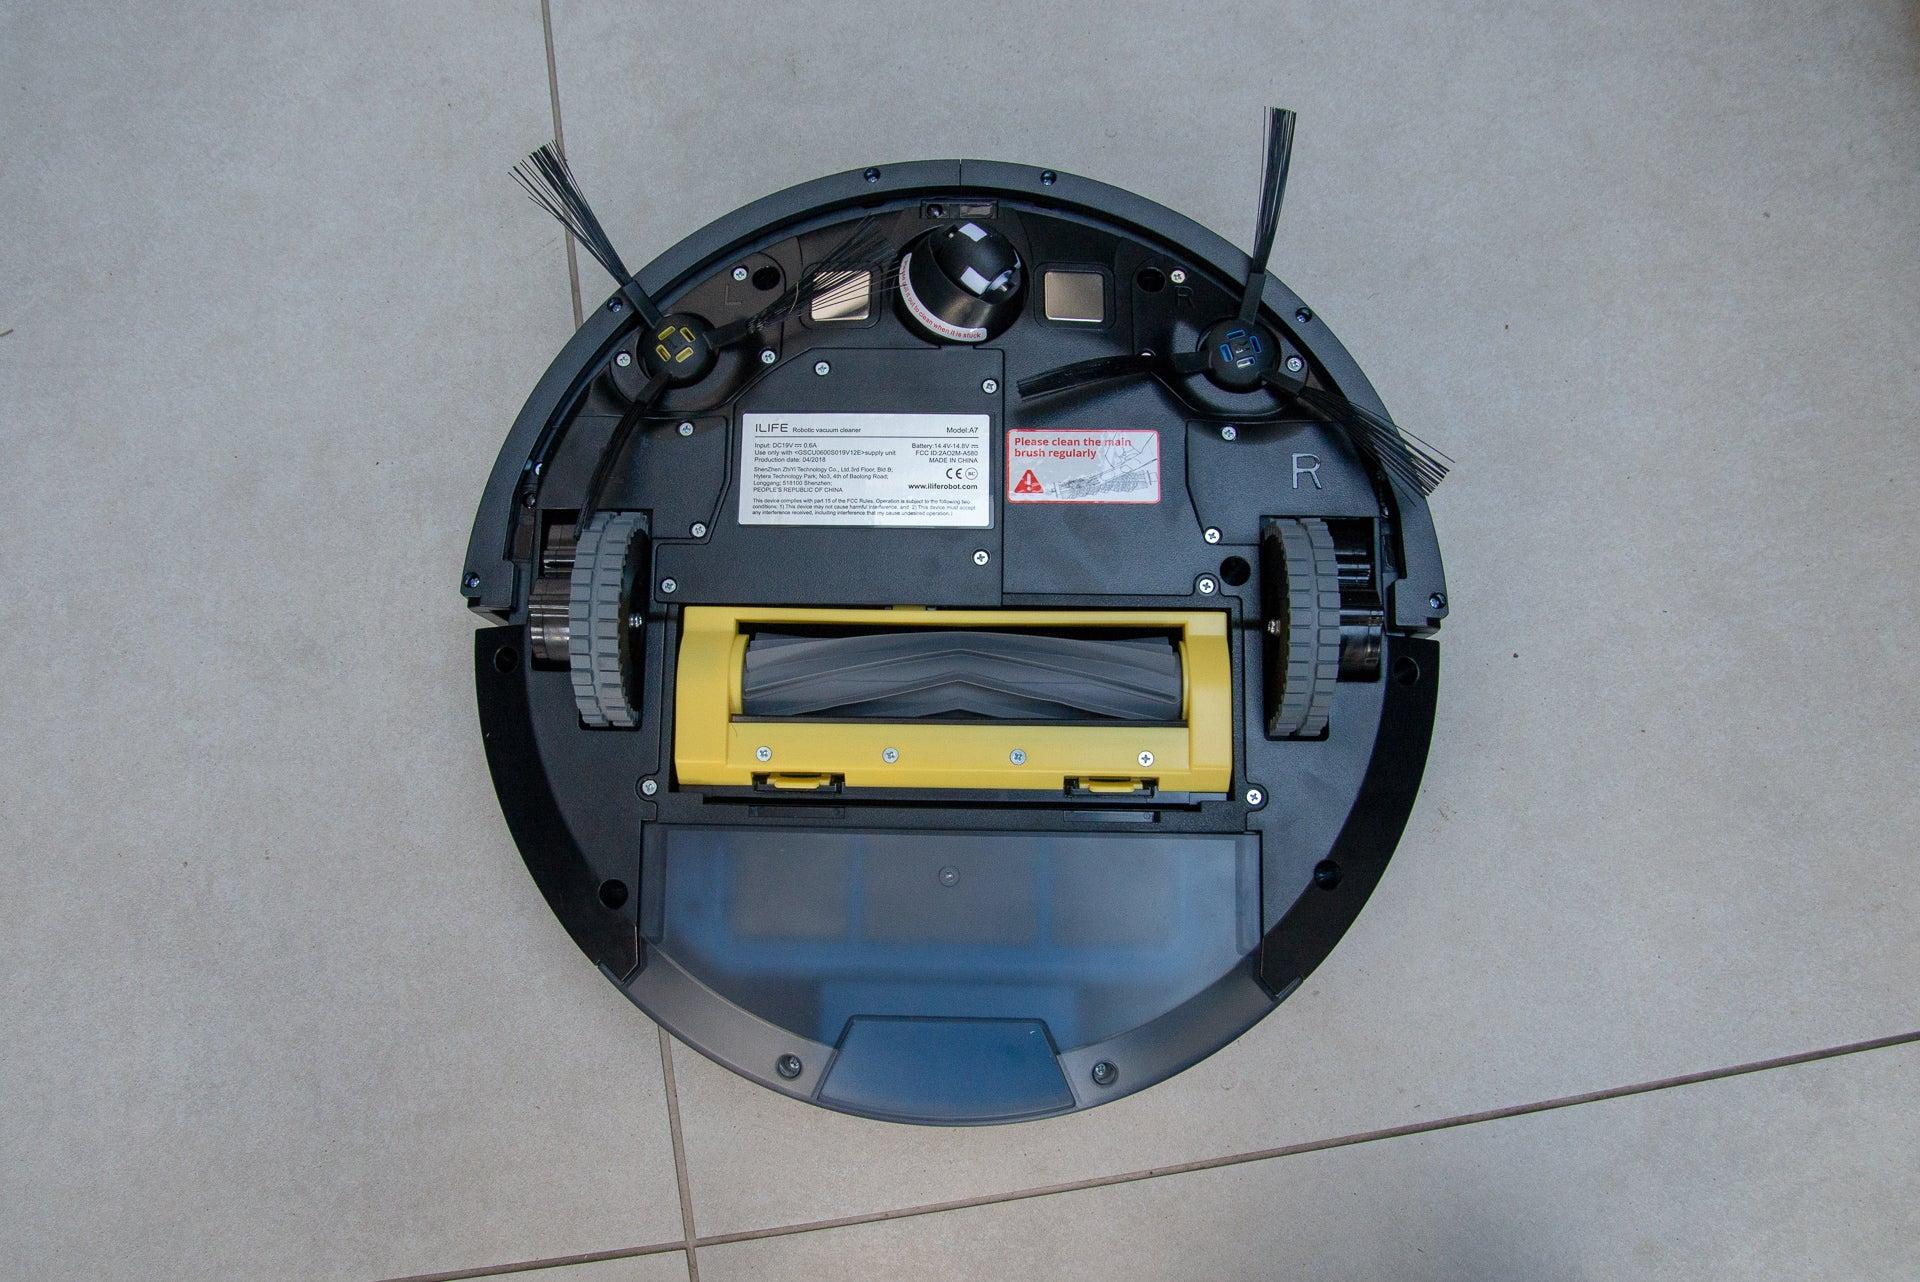 iLife A7 Robotic Vacuum Cleaner underneath